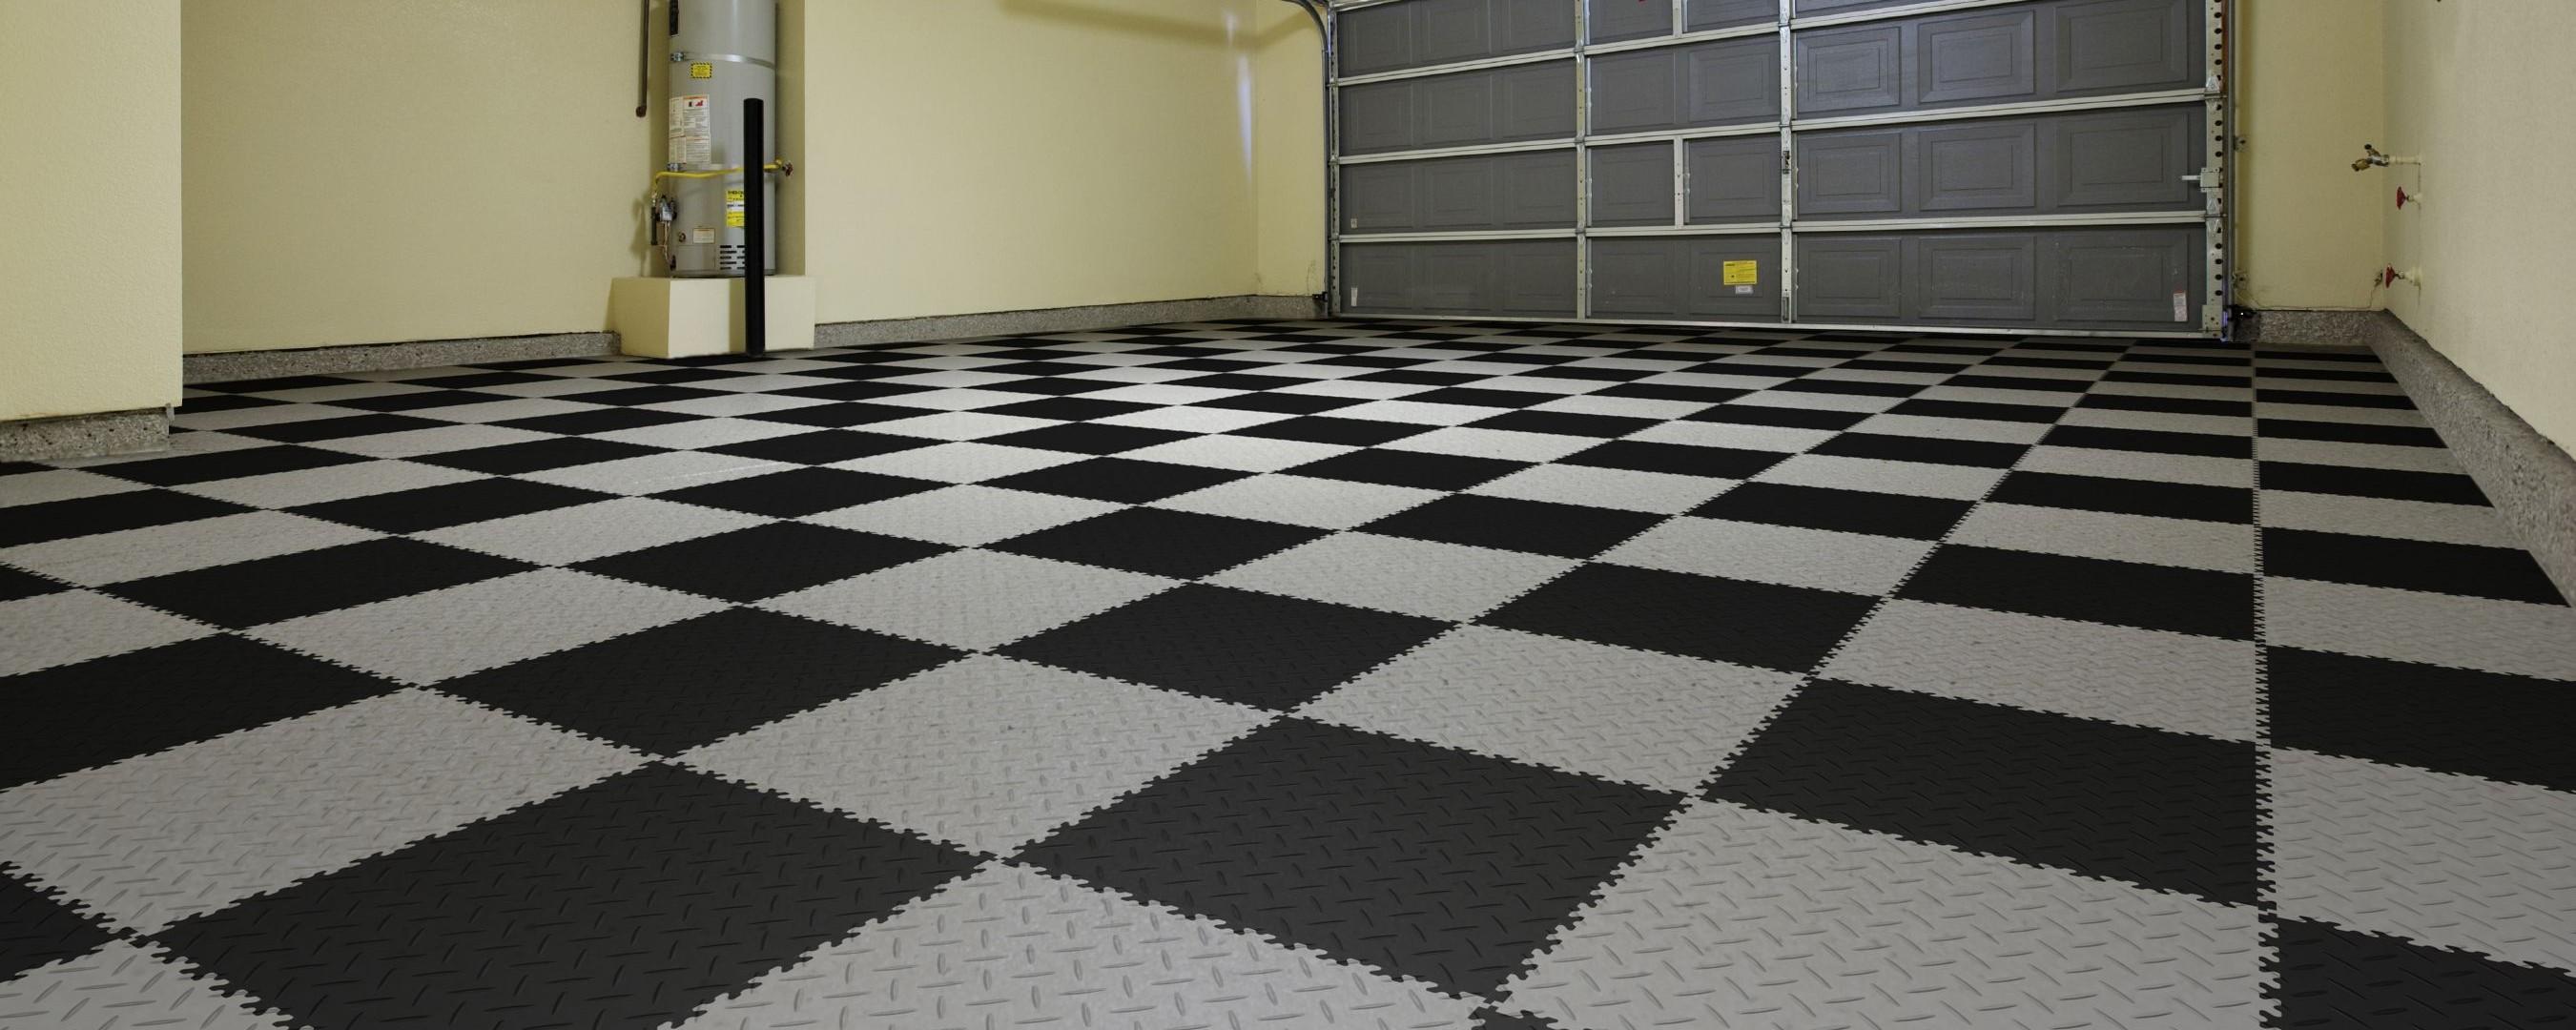 Podłoga, która daje wiele możliwości